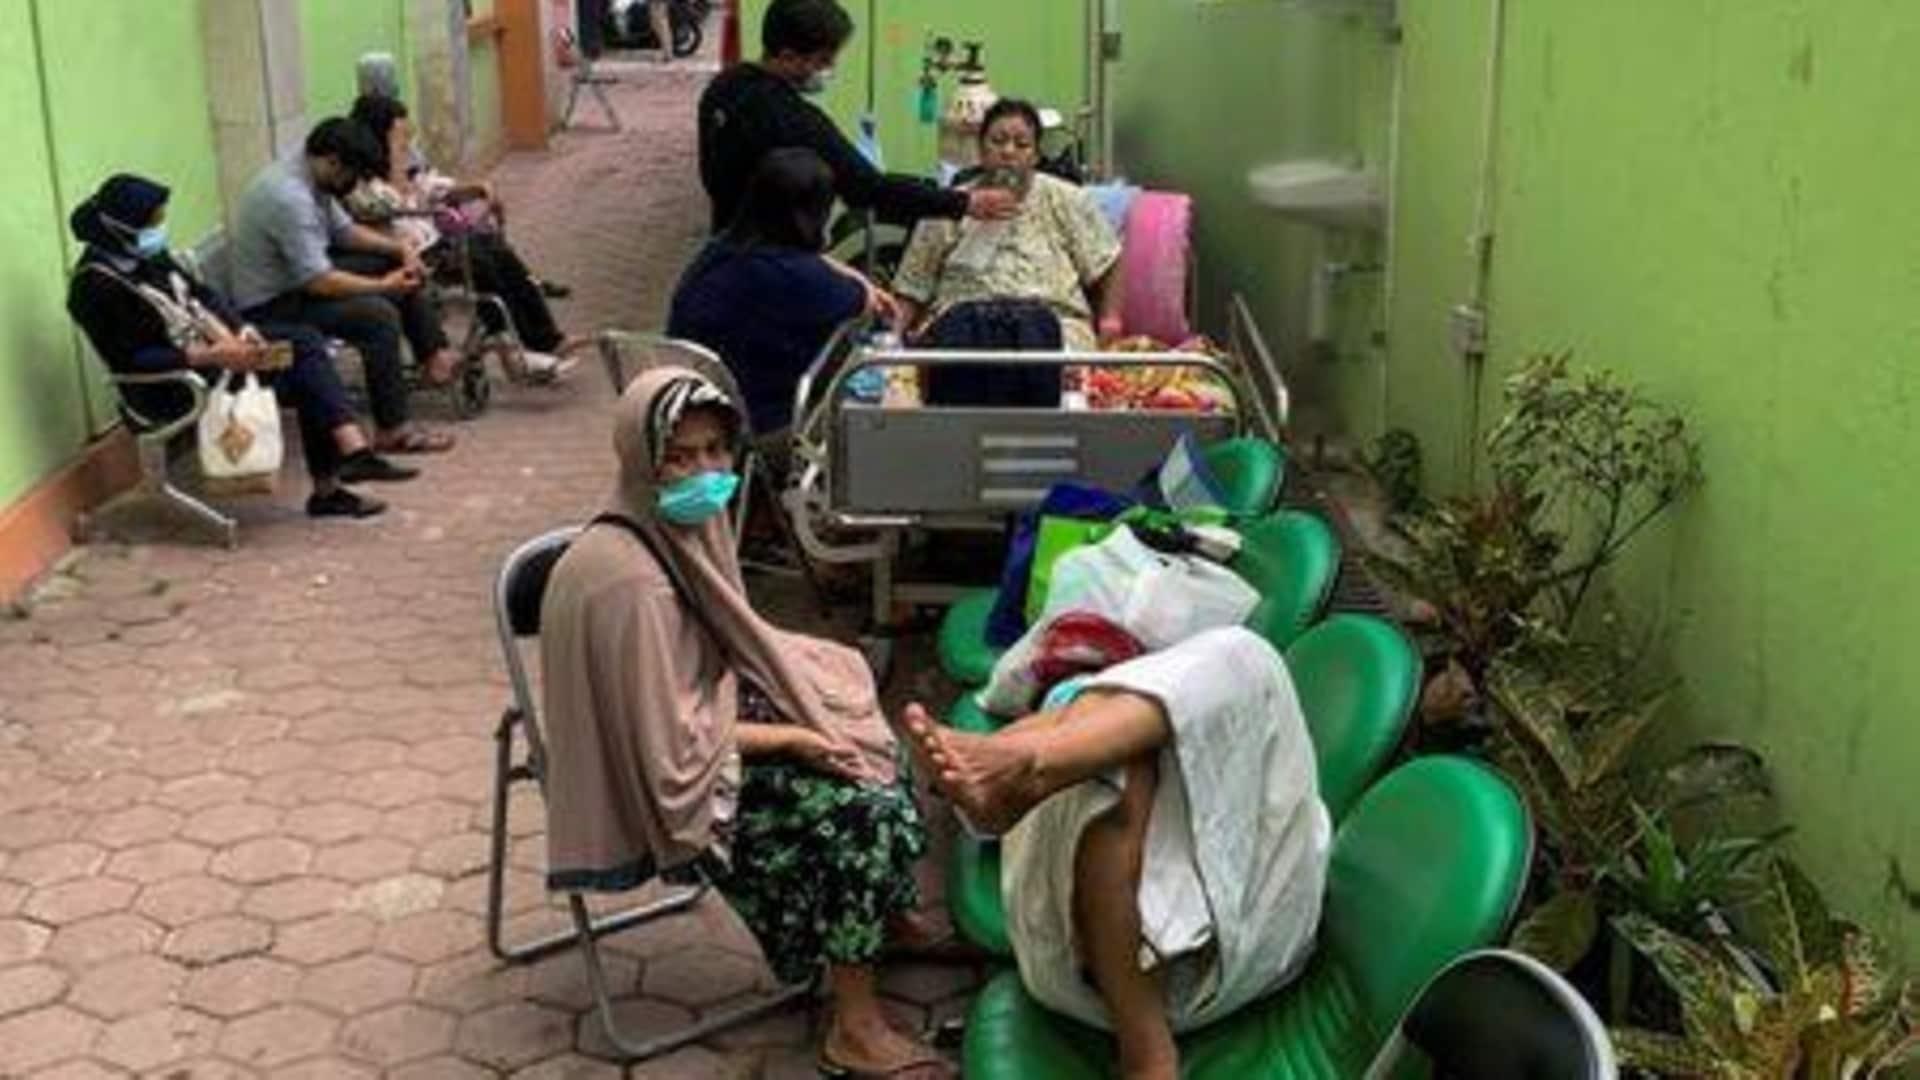 Không đủ ICU, bác sĩ Indonesia gặp nhiều khó khăn trong việc điều trị Covid-19 - Ảnh 1.